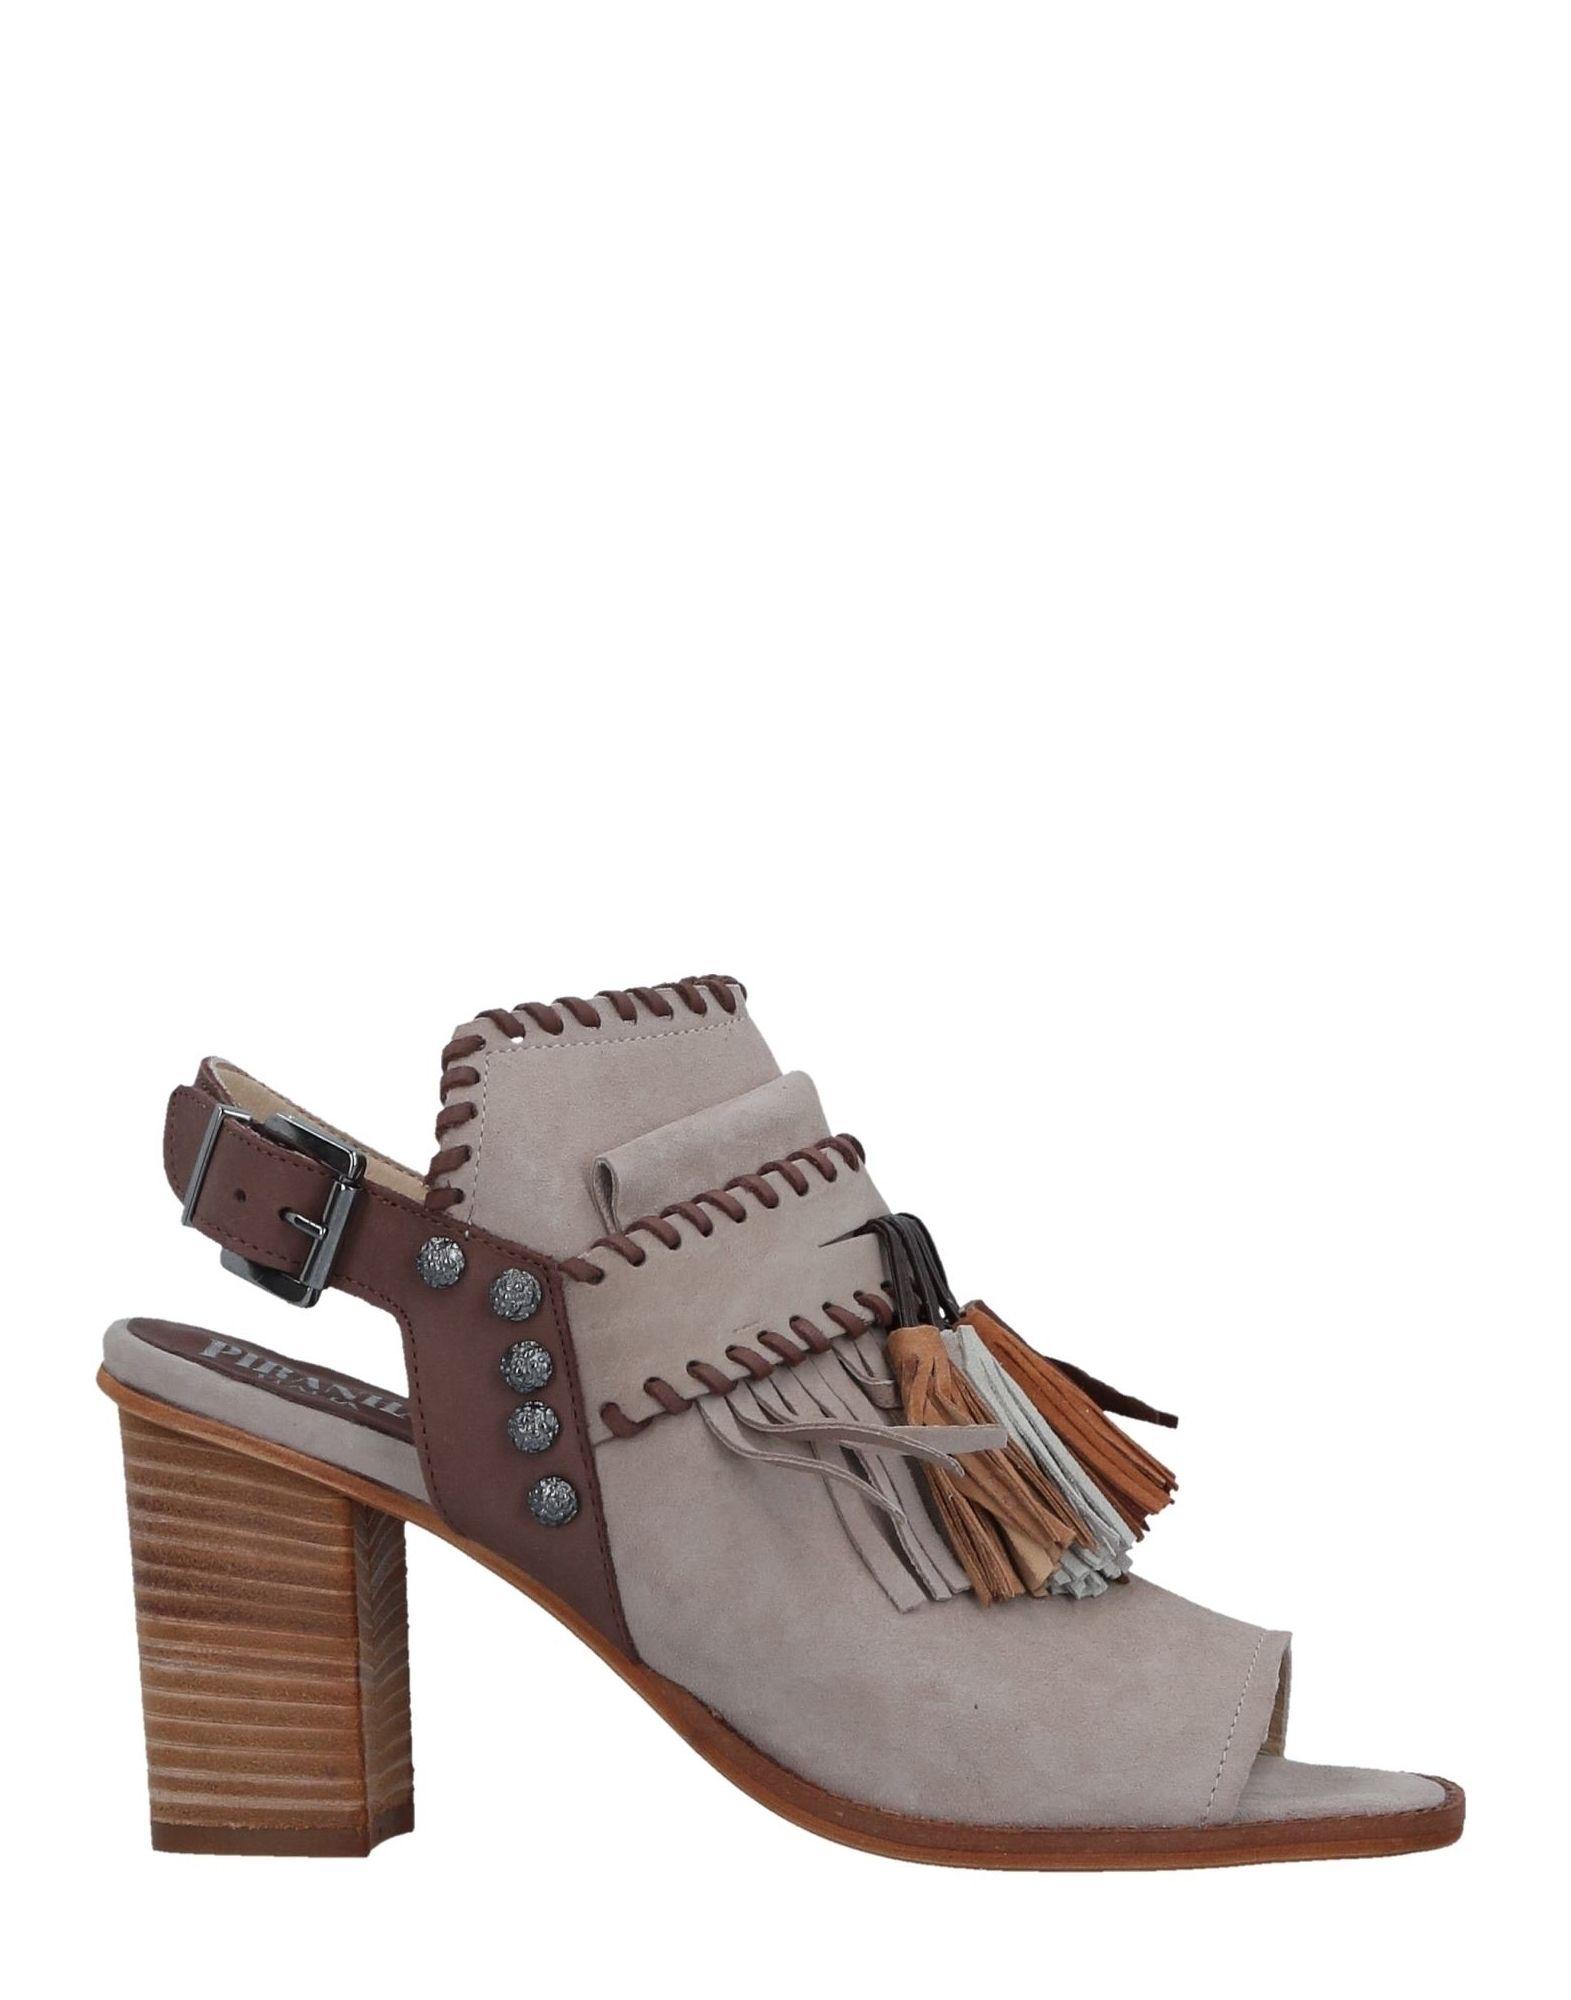 Sandali Piranha Donna - 11518173KP elegante